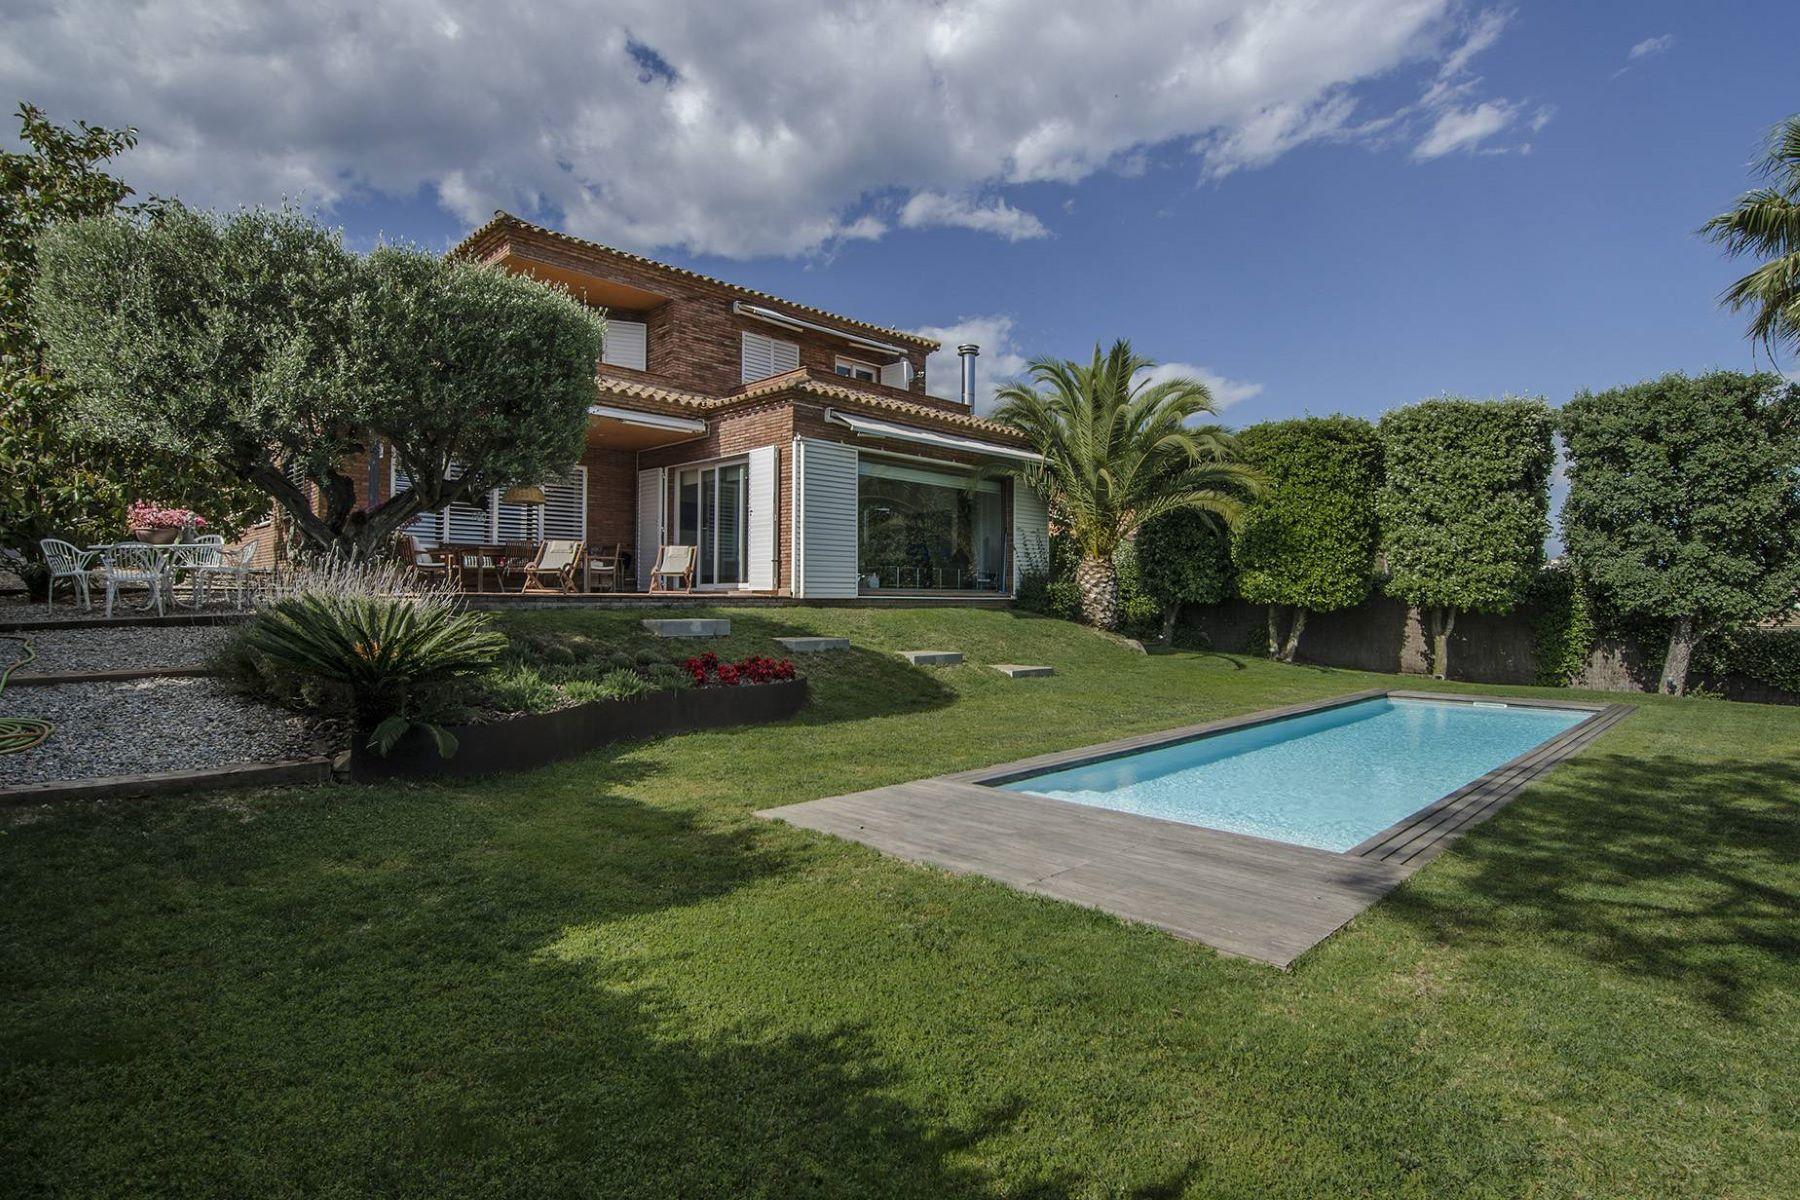 Einfamilienhaus für Verkauf beim House in Teia with Impressive Views Teia, Barcelona, 08329 Spanien